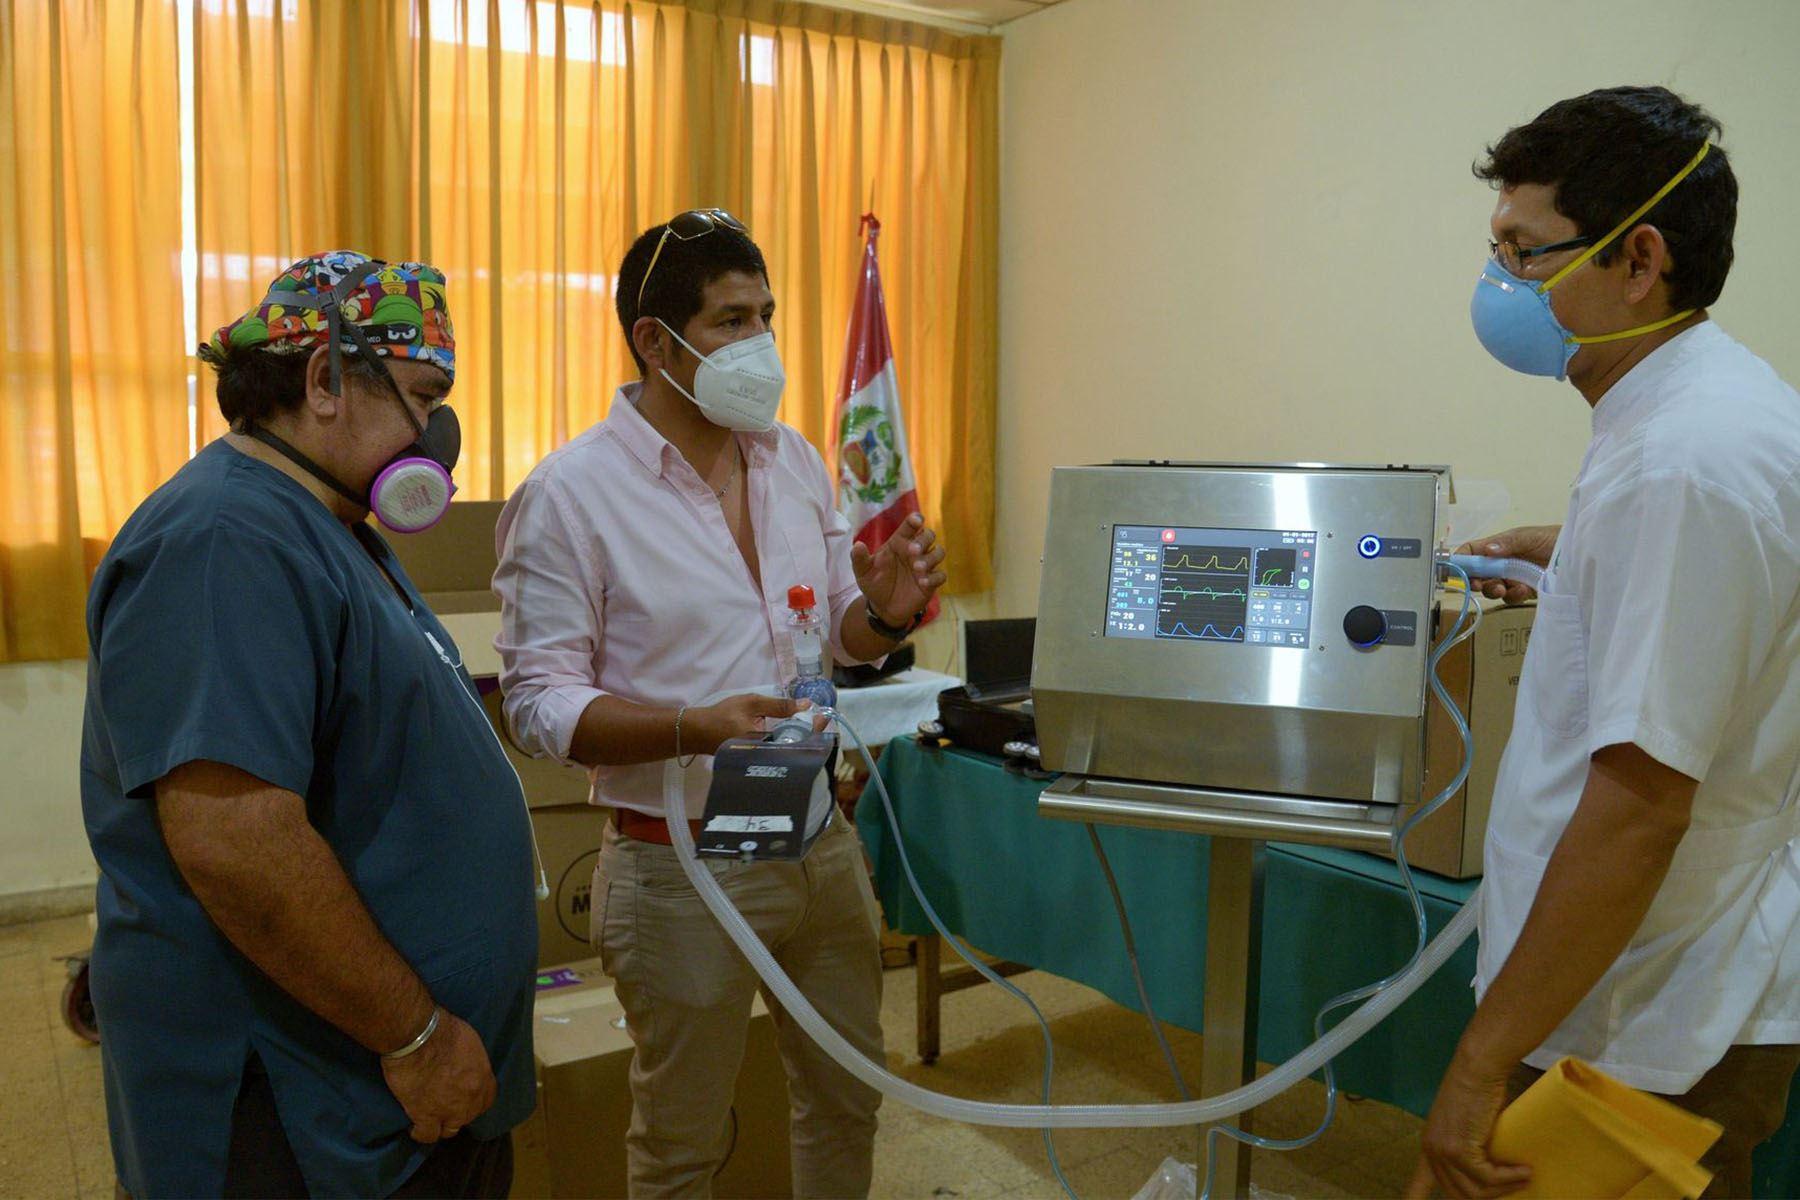 Más de 200 médicos, enfermeras, ingenieros biomédicos y personal de soporte técnico, fueron capacitados en su uso (Foto: PUCP)